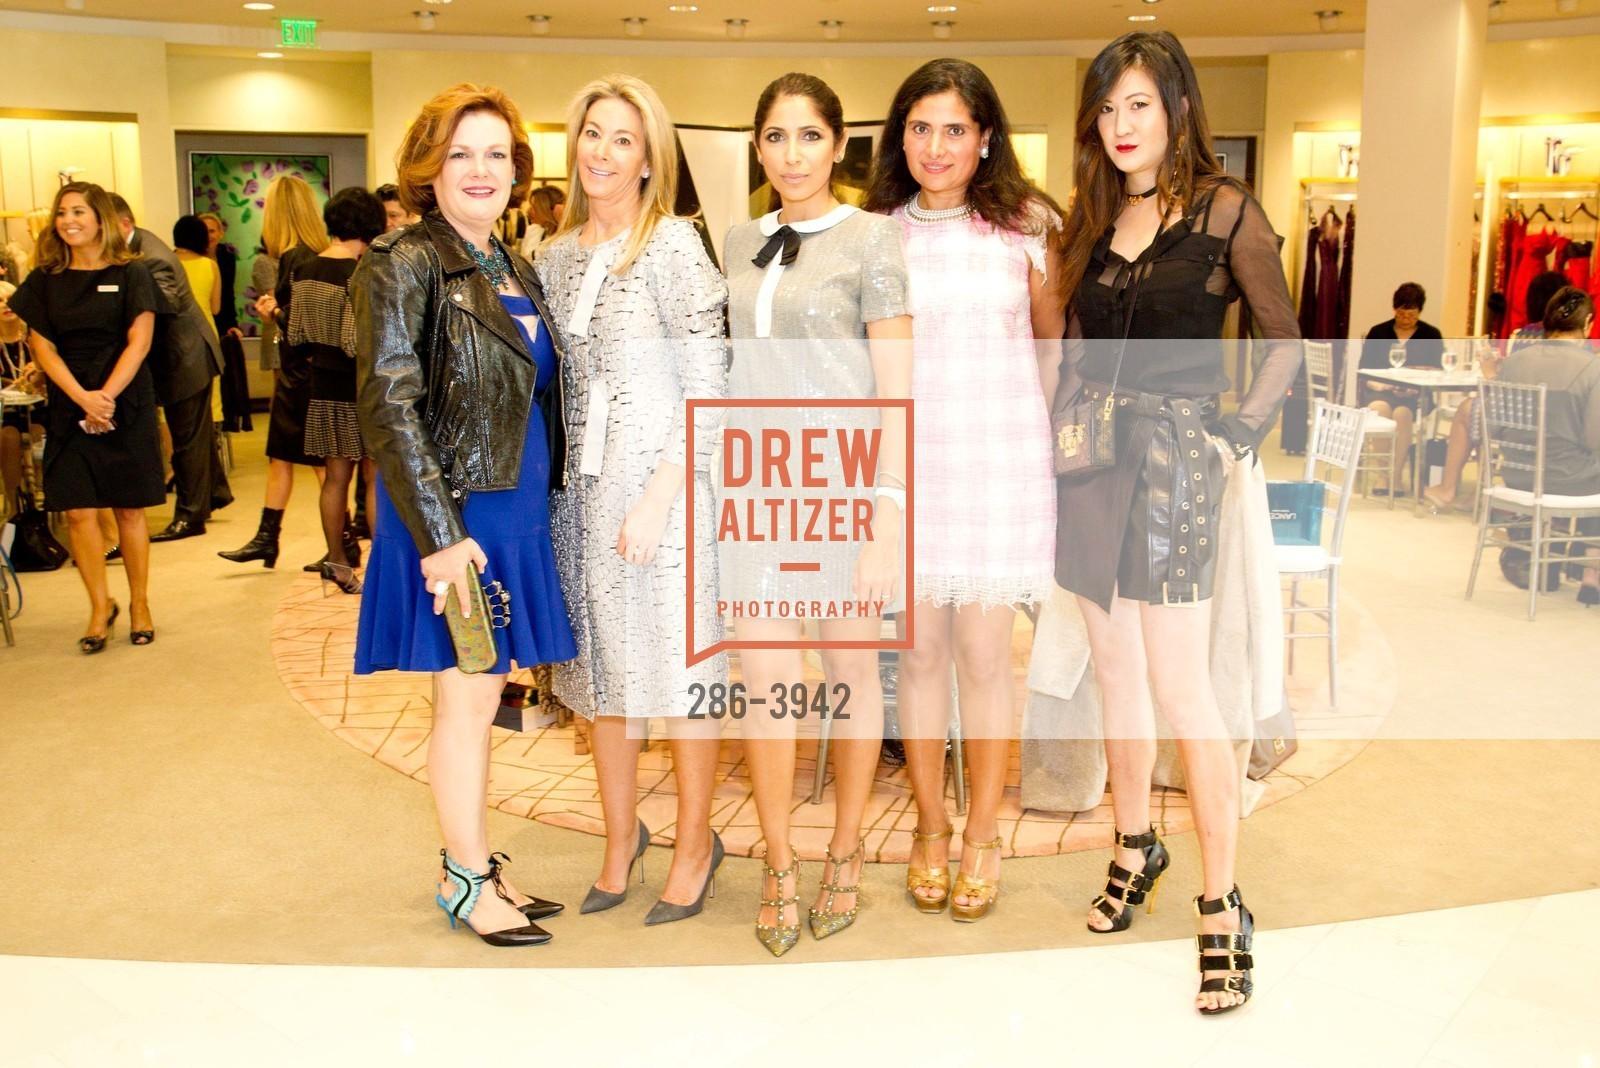 Jennifer Raiser, Dana Tananbaum, Sobia Shaikh, Minal Jethmal, Jessica Hon, Photo #286-3942